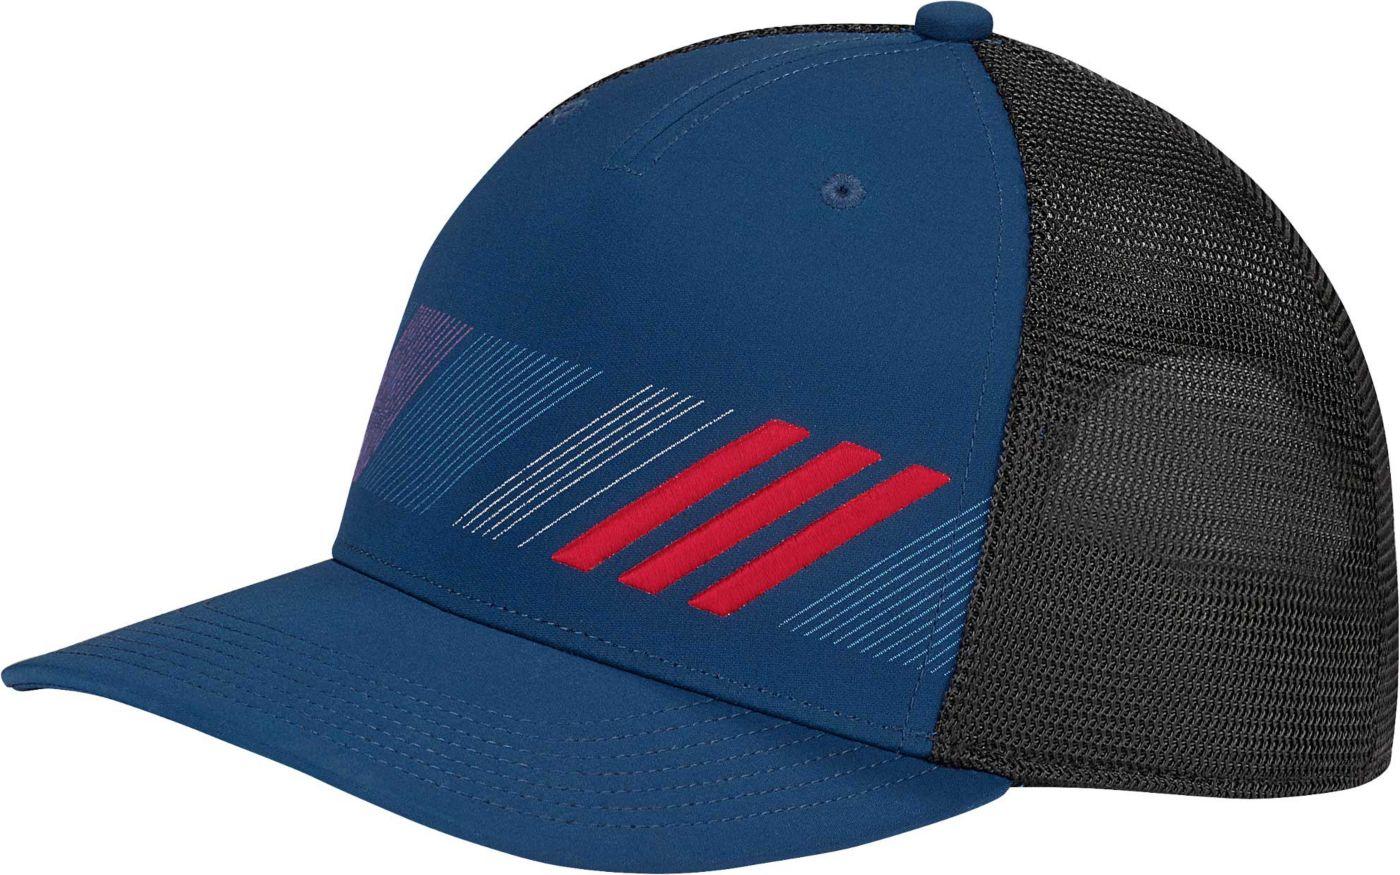 adidas Men's Stripe Trucker Golf Hat